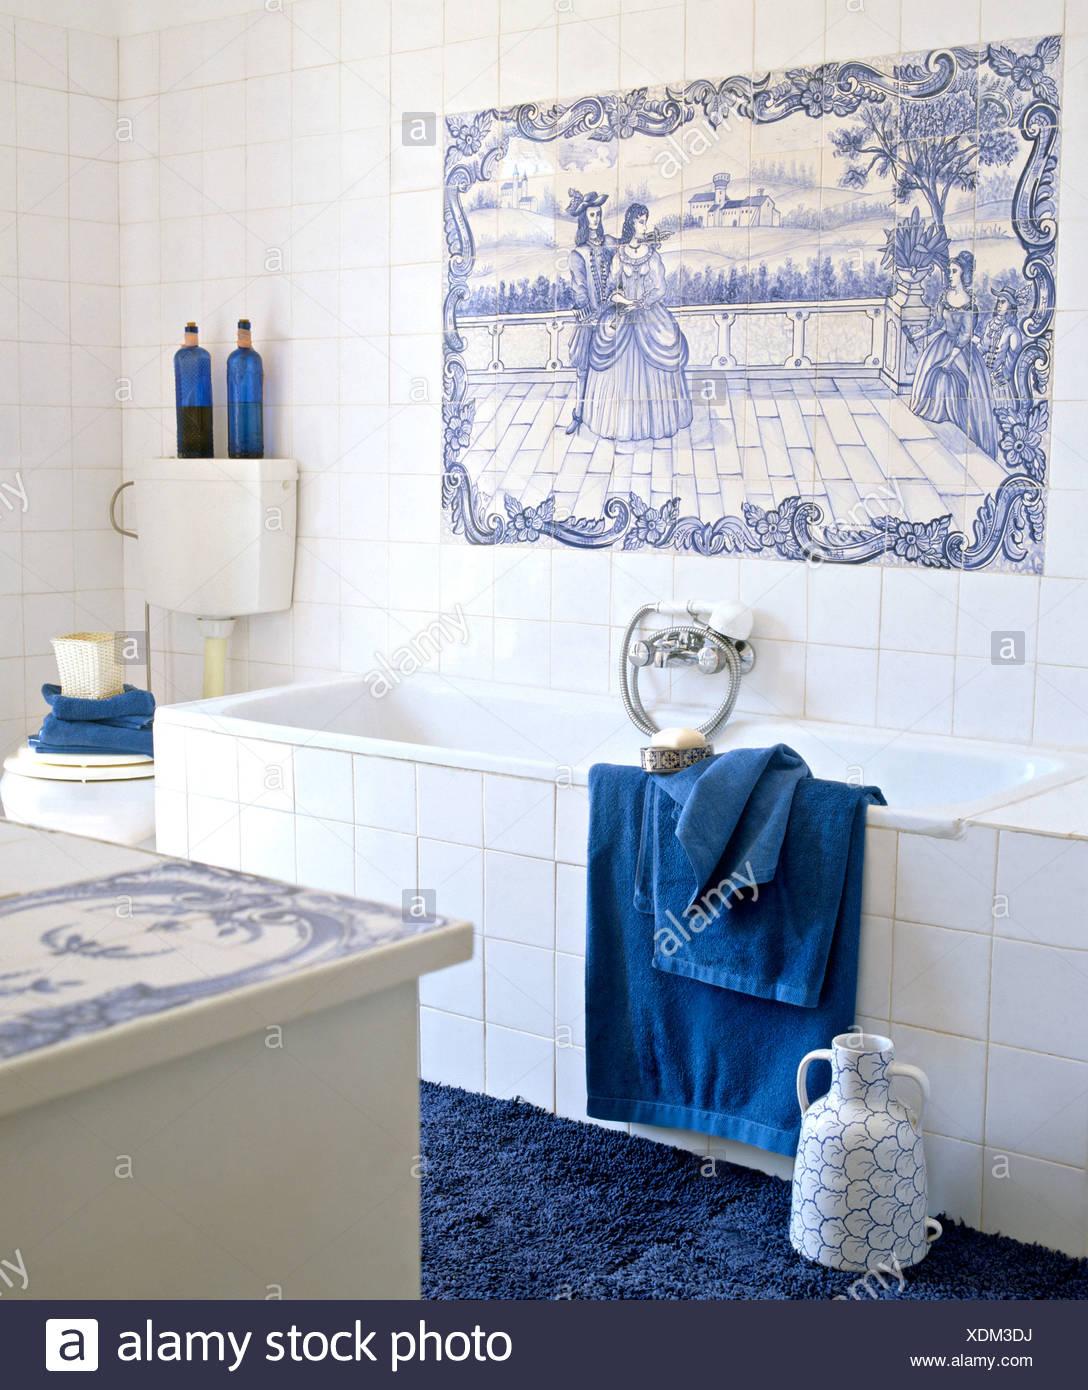 Bagno Con Mattonelle Blu.Blue Piastrellate Di Bianco Pannello Decorativo Al Di Sopra